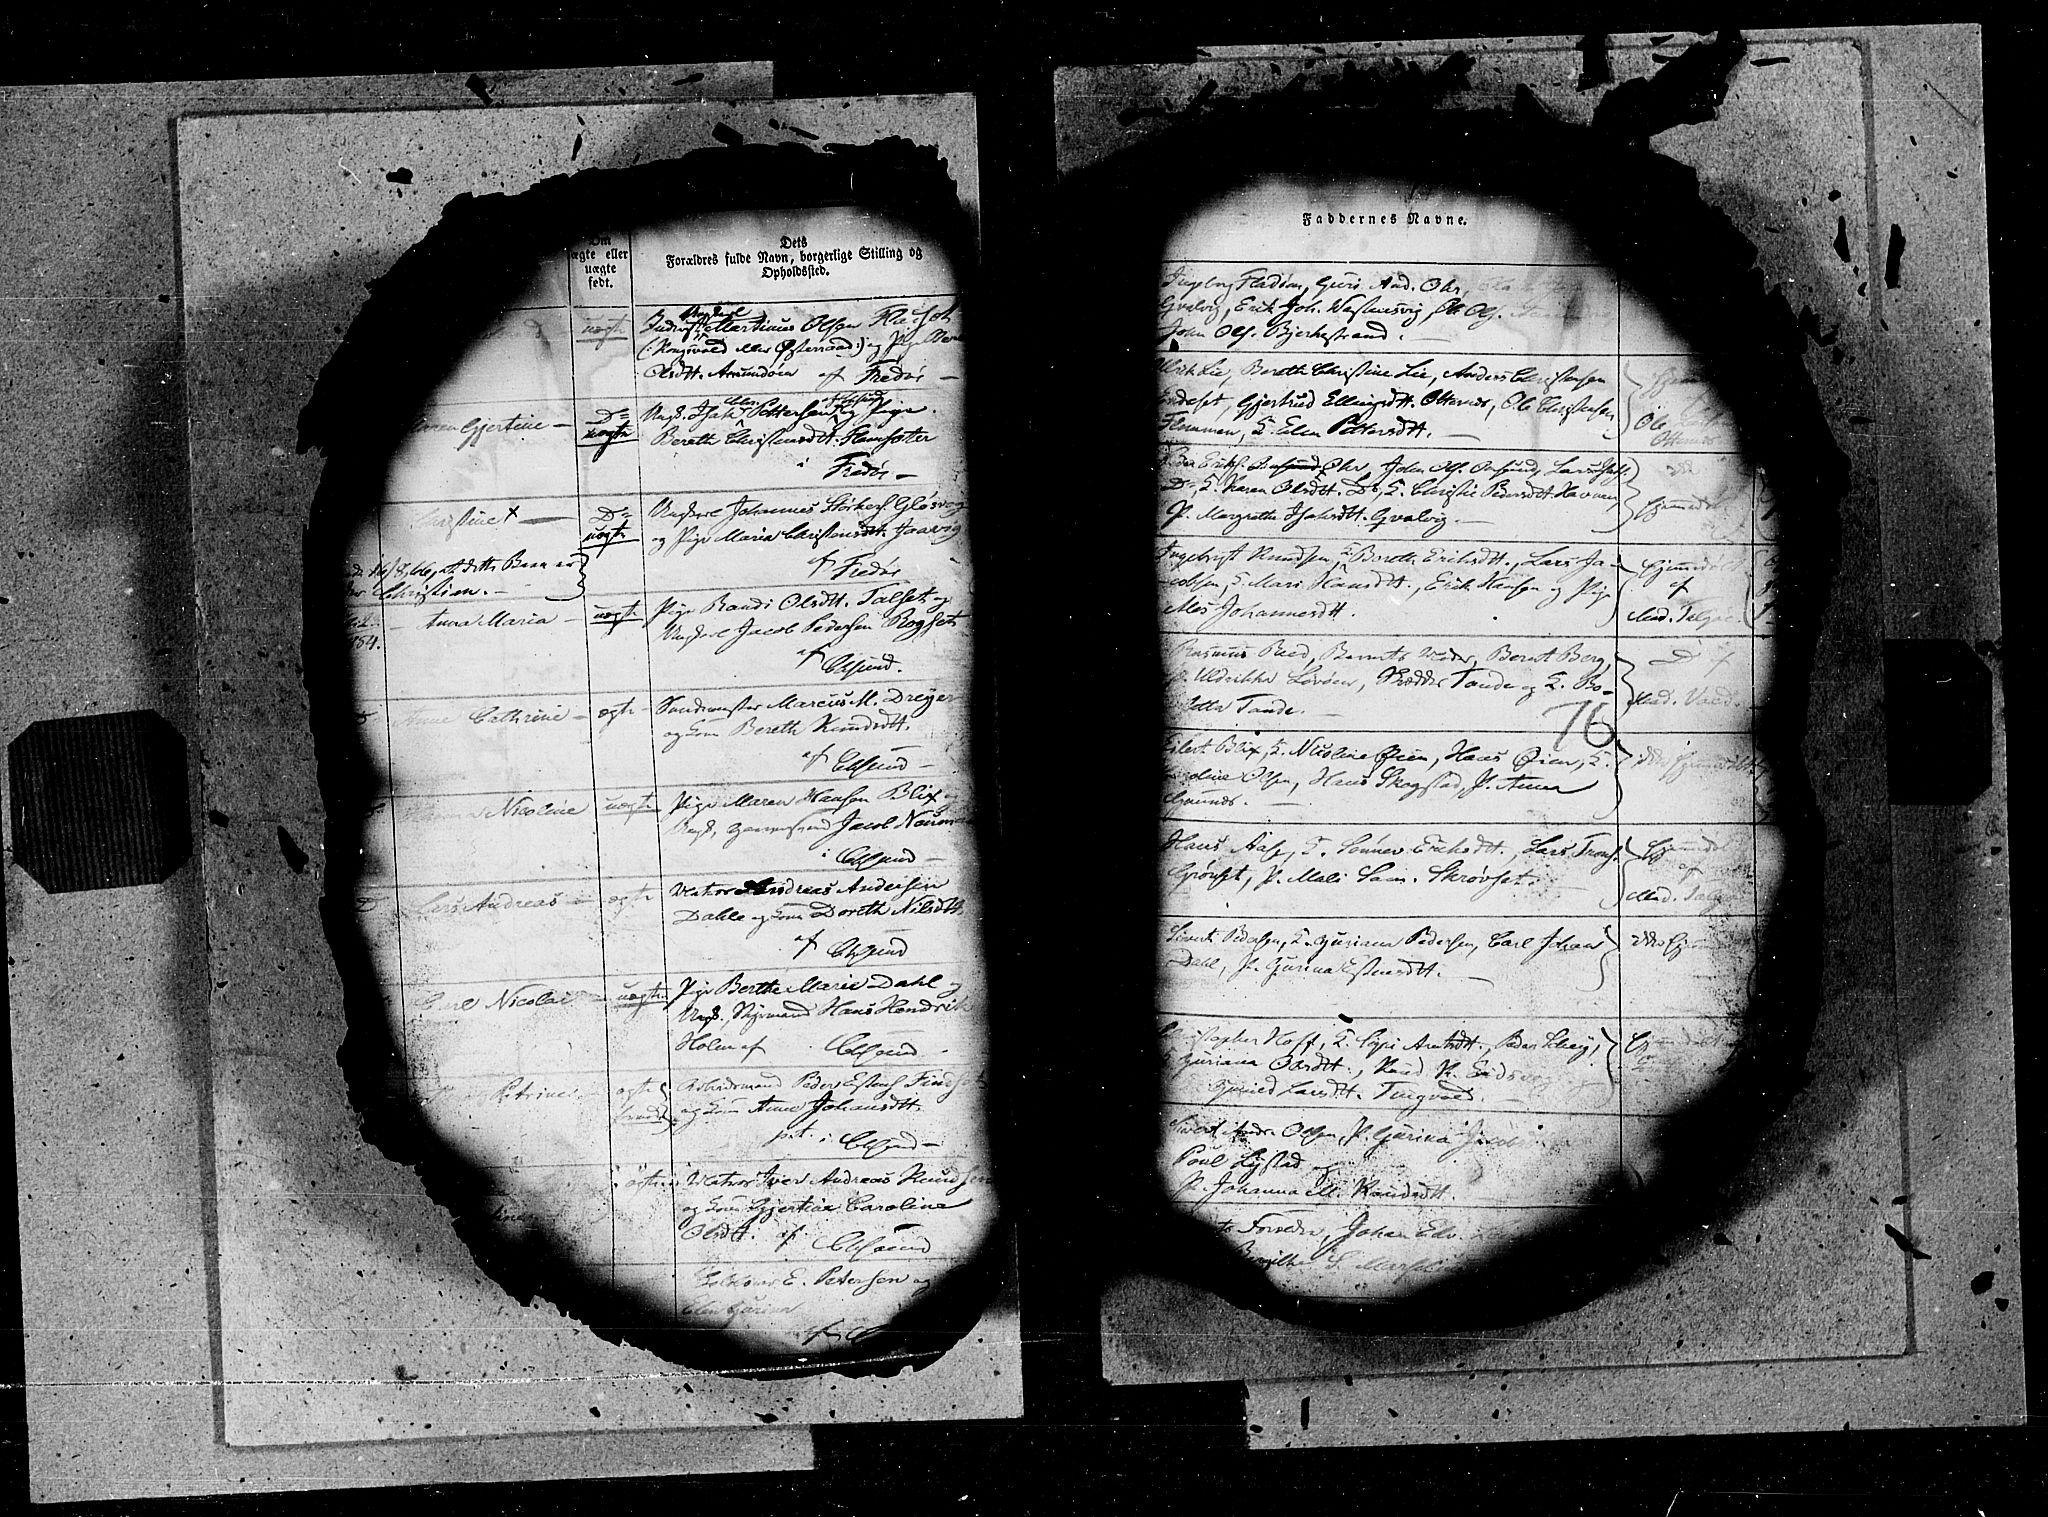 SAT, Ministerialprotokoller, klokkerbøker og fødselsregistre - Møre og Romsdal, 572/L0844: Ministerialbok nr. 572A07, 1842-1855, s. 76